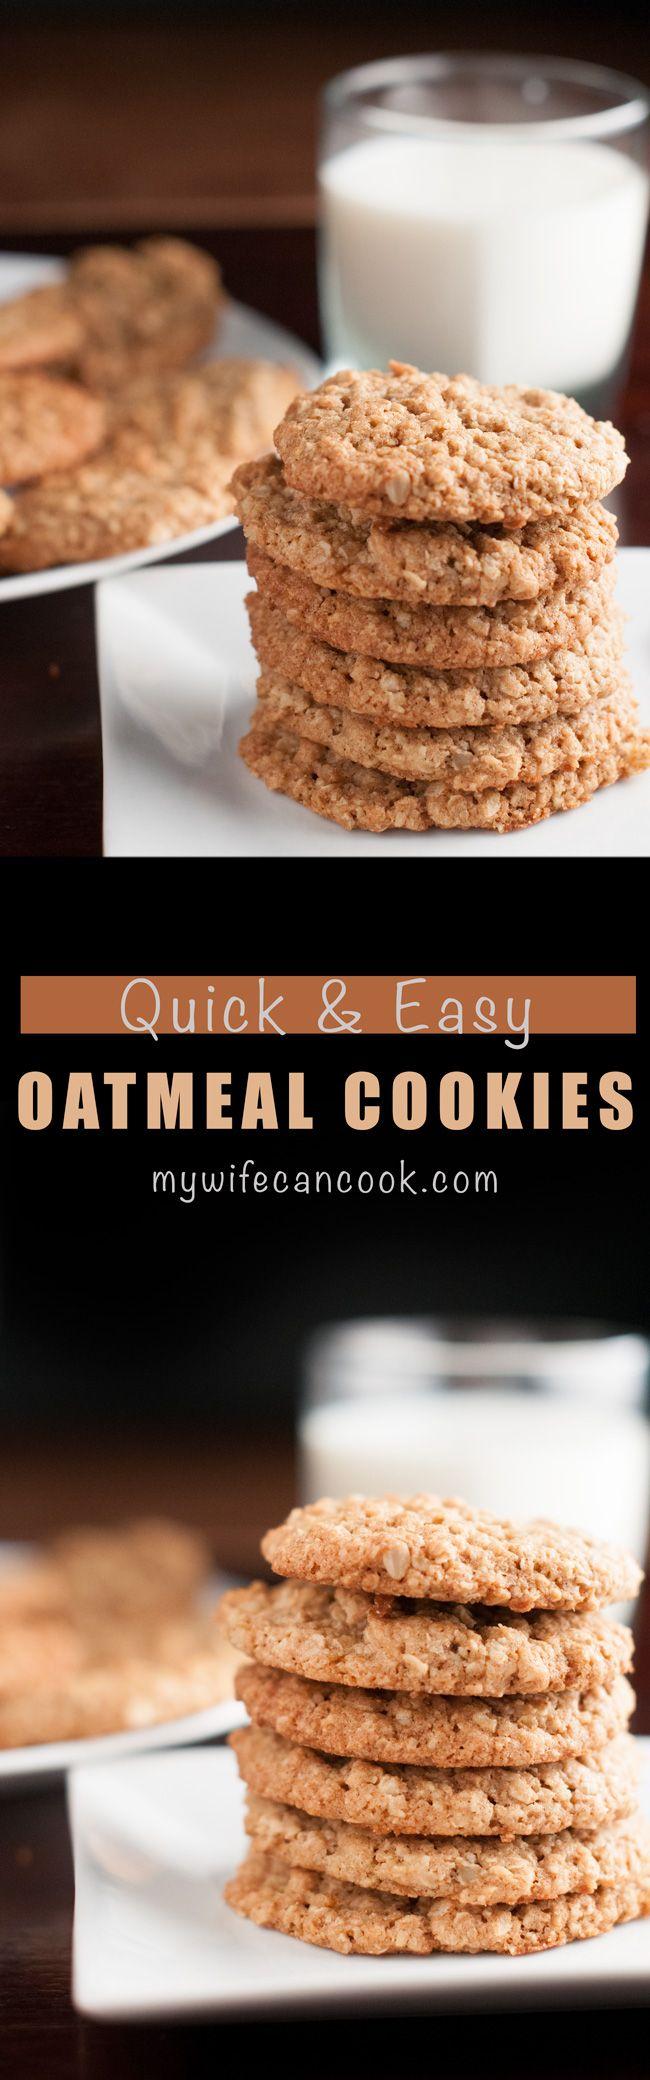 Homemade quaker oatmeal cookies recipe